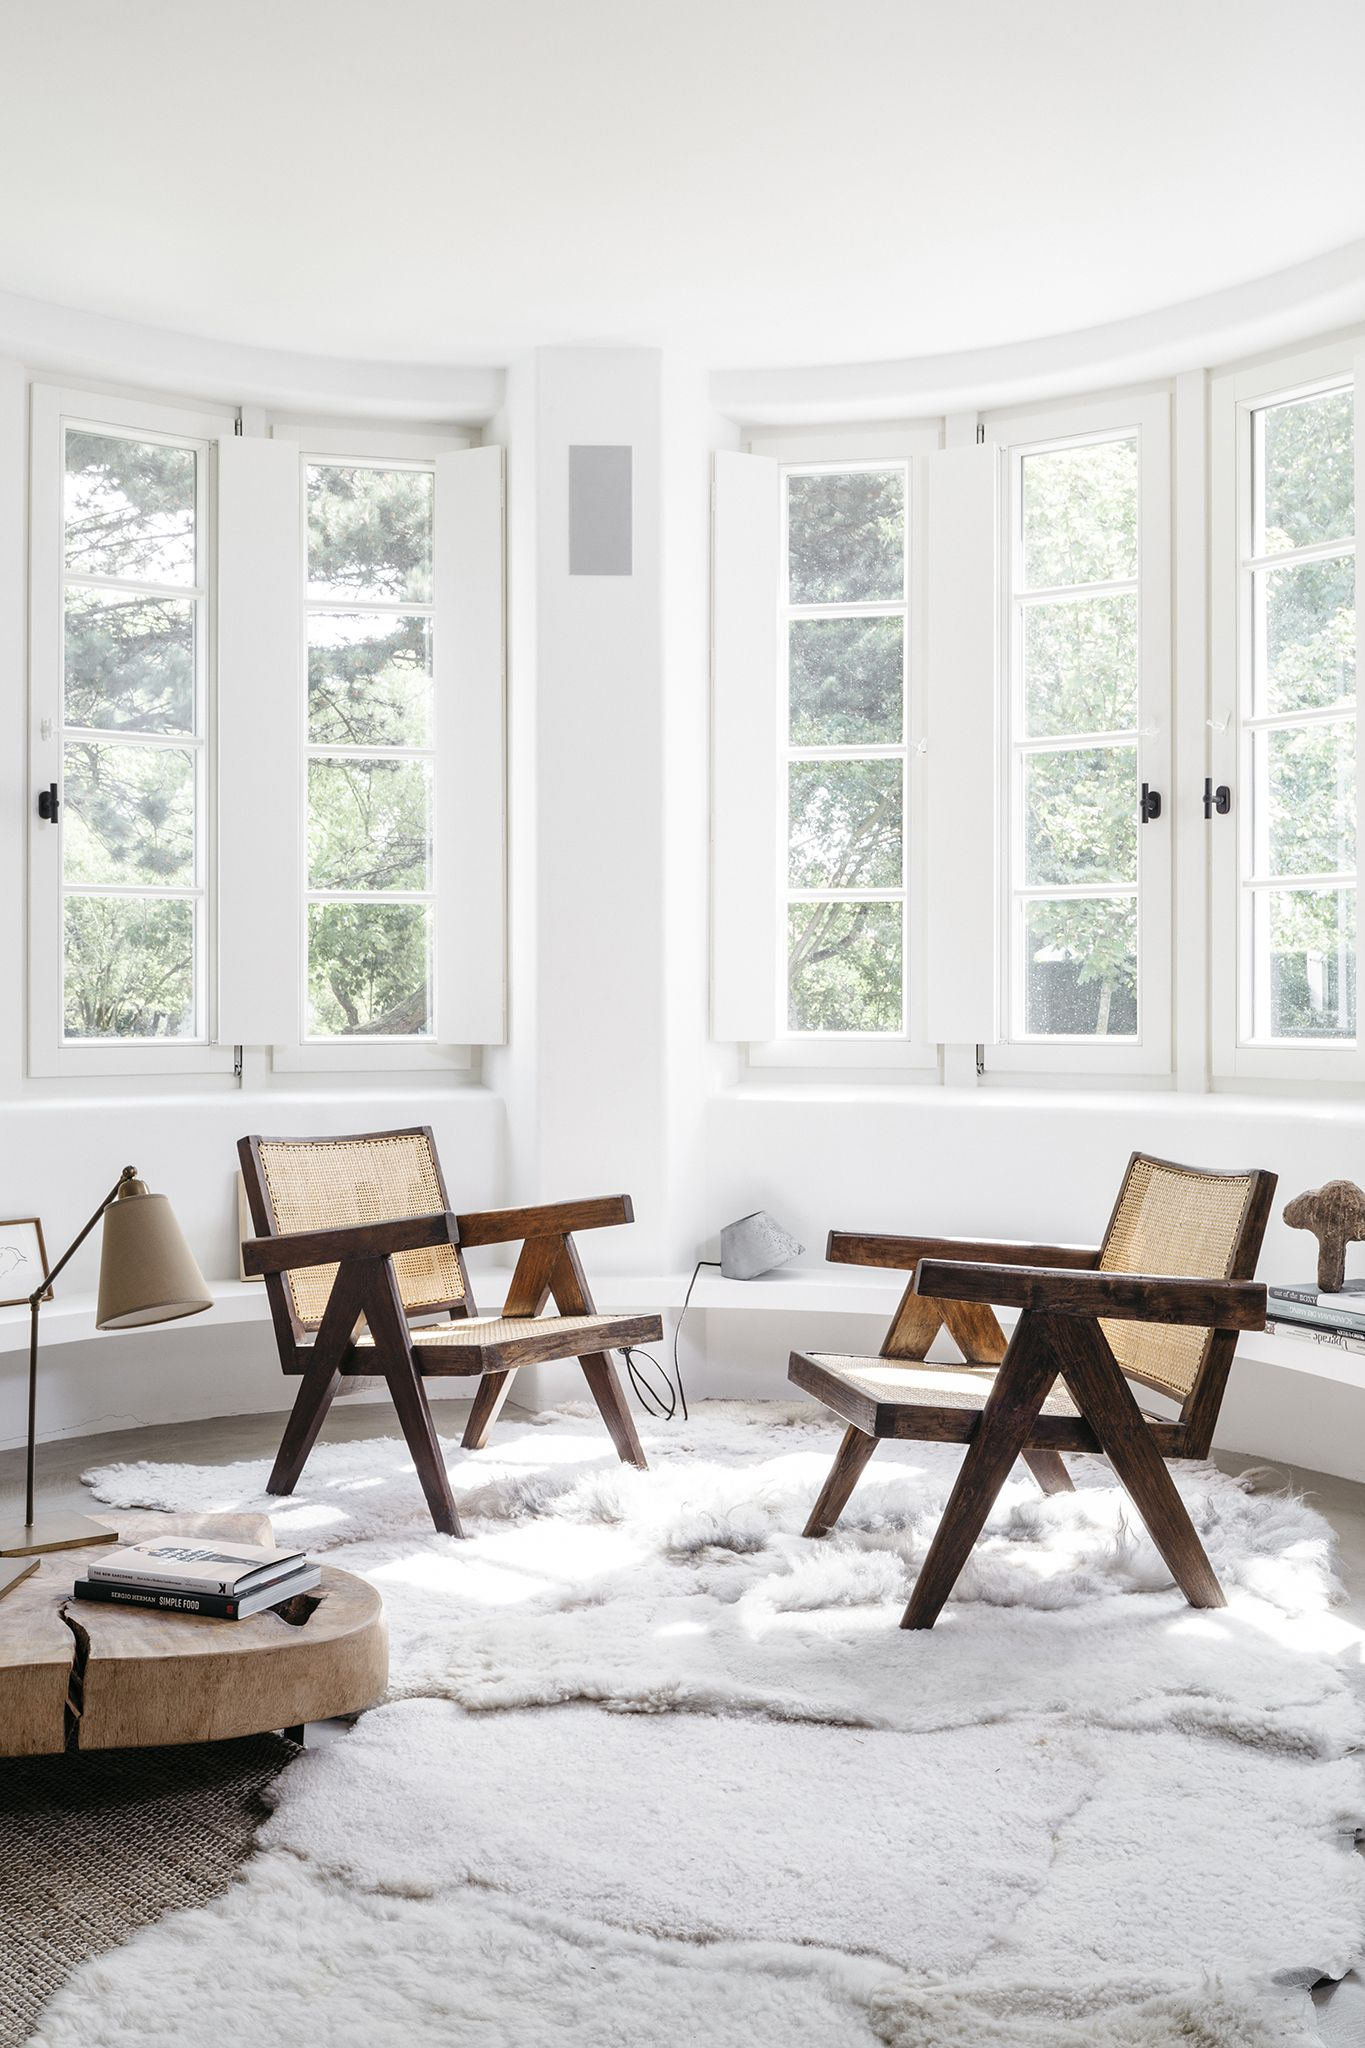 Le Nordic Une Villa Vintage A Knokke Decoree Par Bea Mombaers Architecte Interieur Design D Interieur Contemporain Et Decoration Interieure Moderne